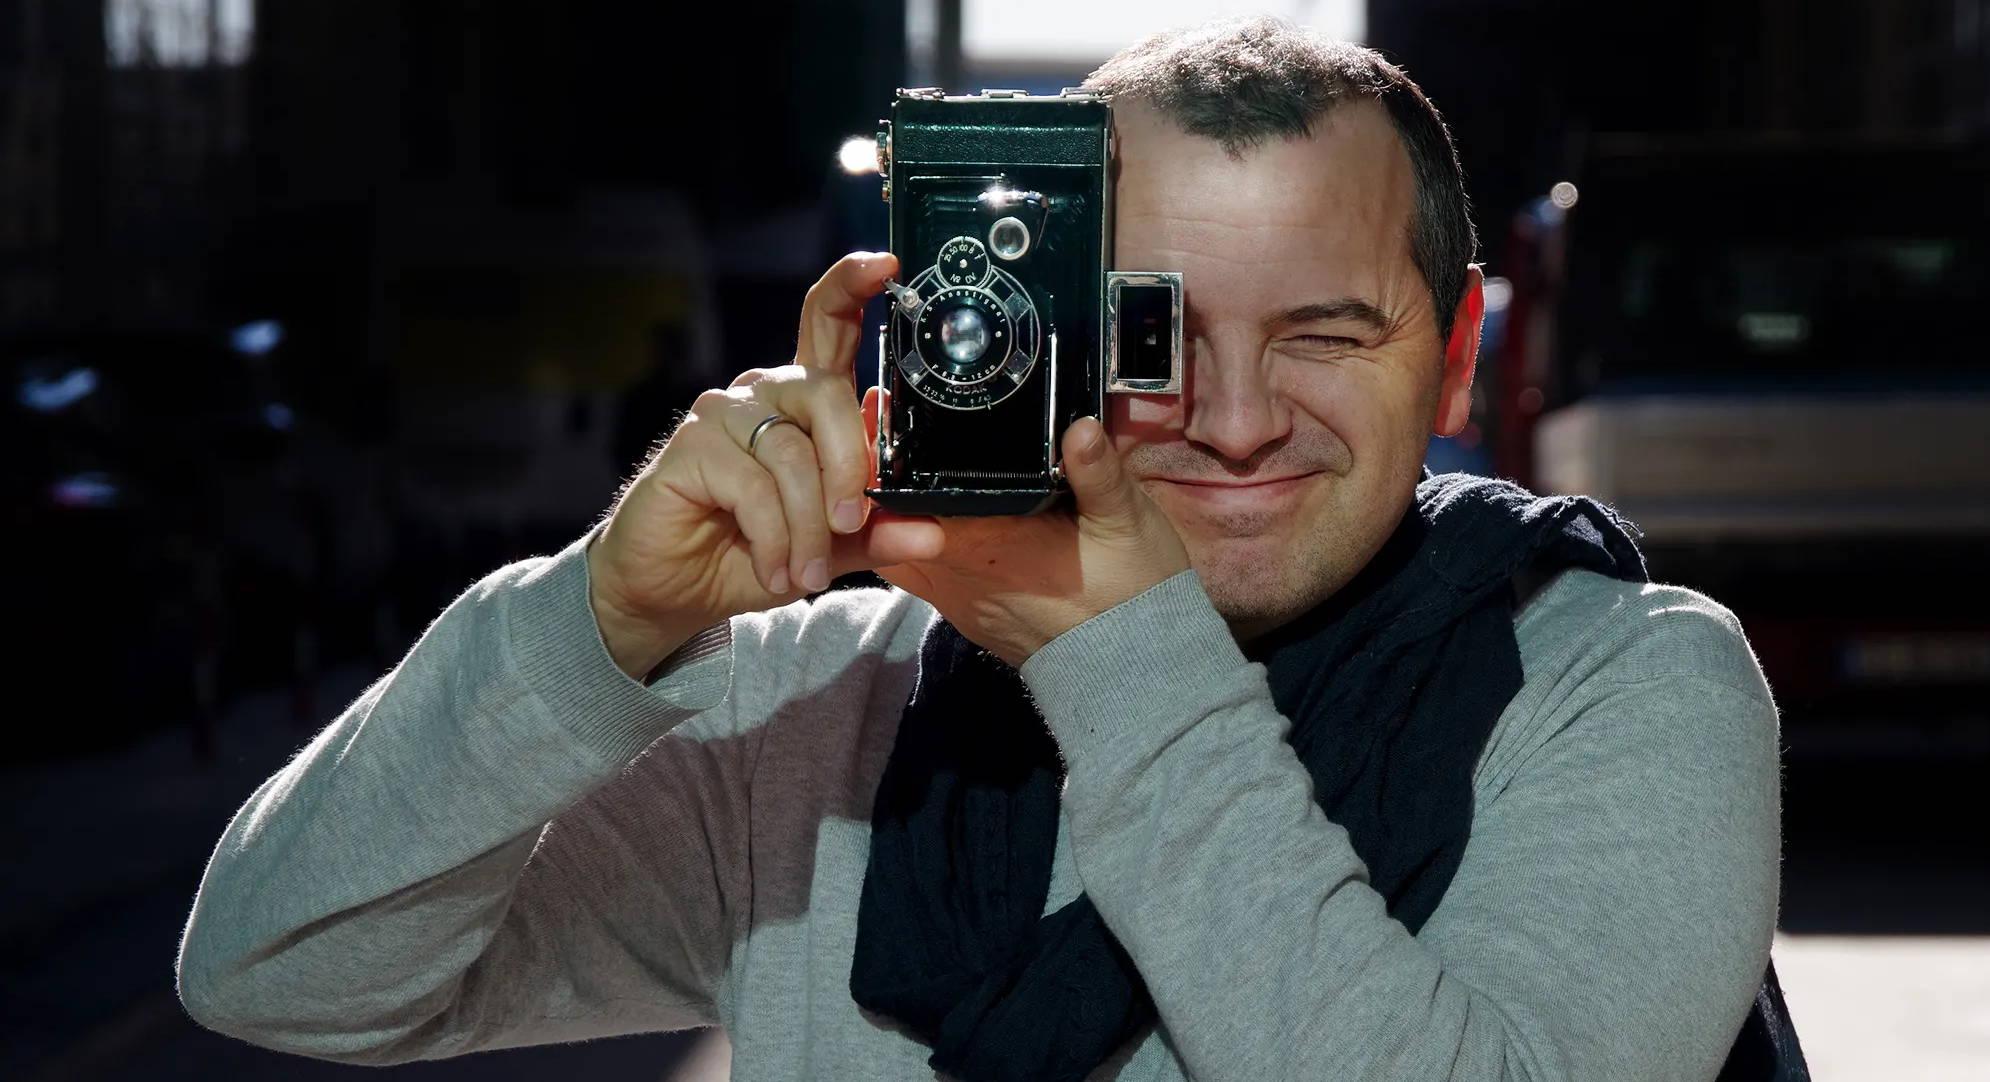 Camerhack: Bringing Vintage Cameras Back To Life